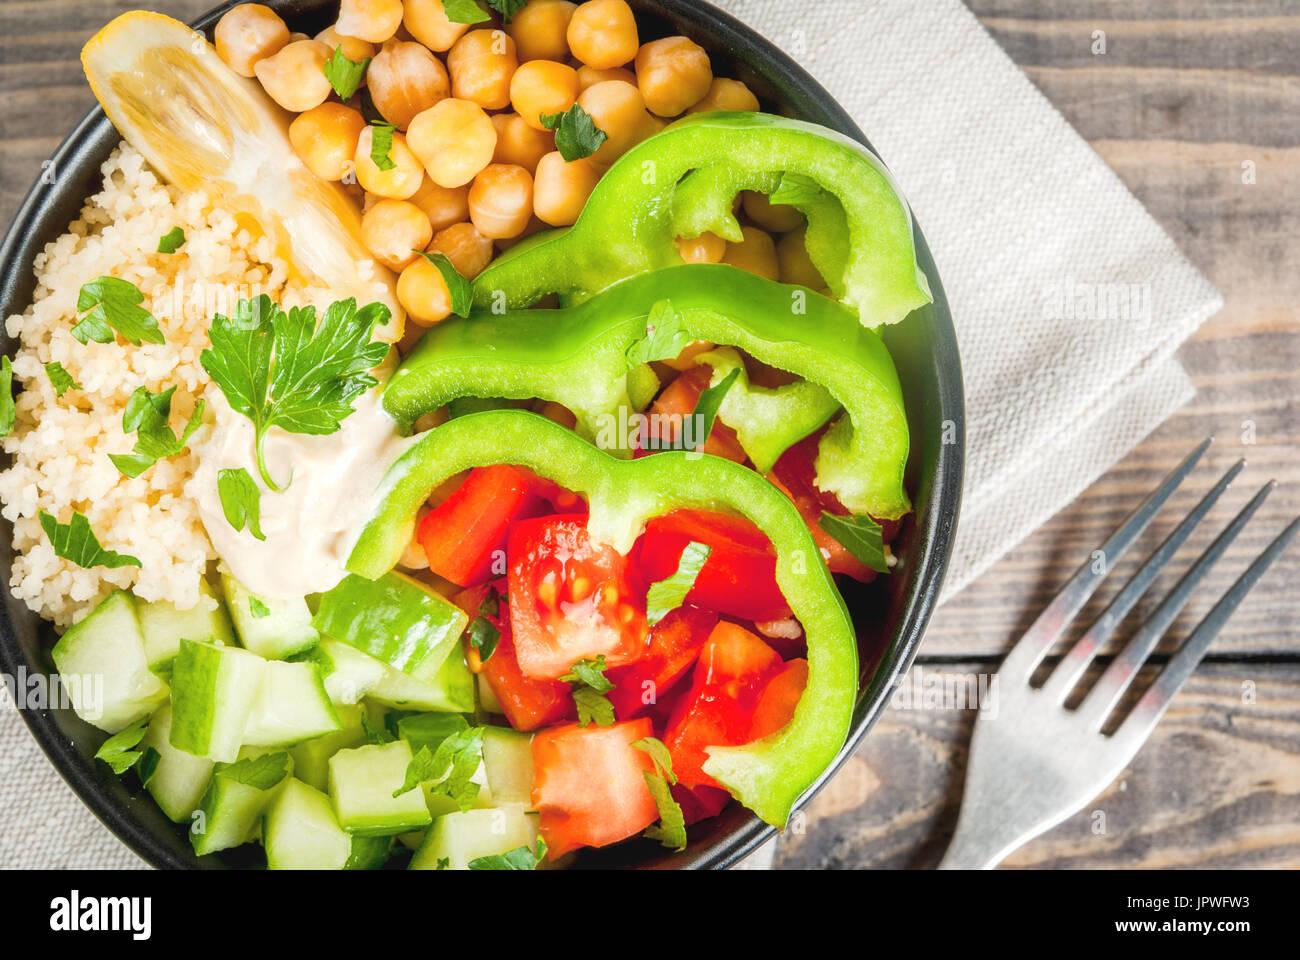 La saine alimentation, l'alimentation. De légumes végétarien bol bouddha - couscous (quinoa), pois chiches, tomates, Banque D'Images